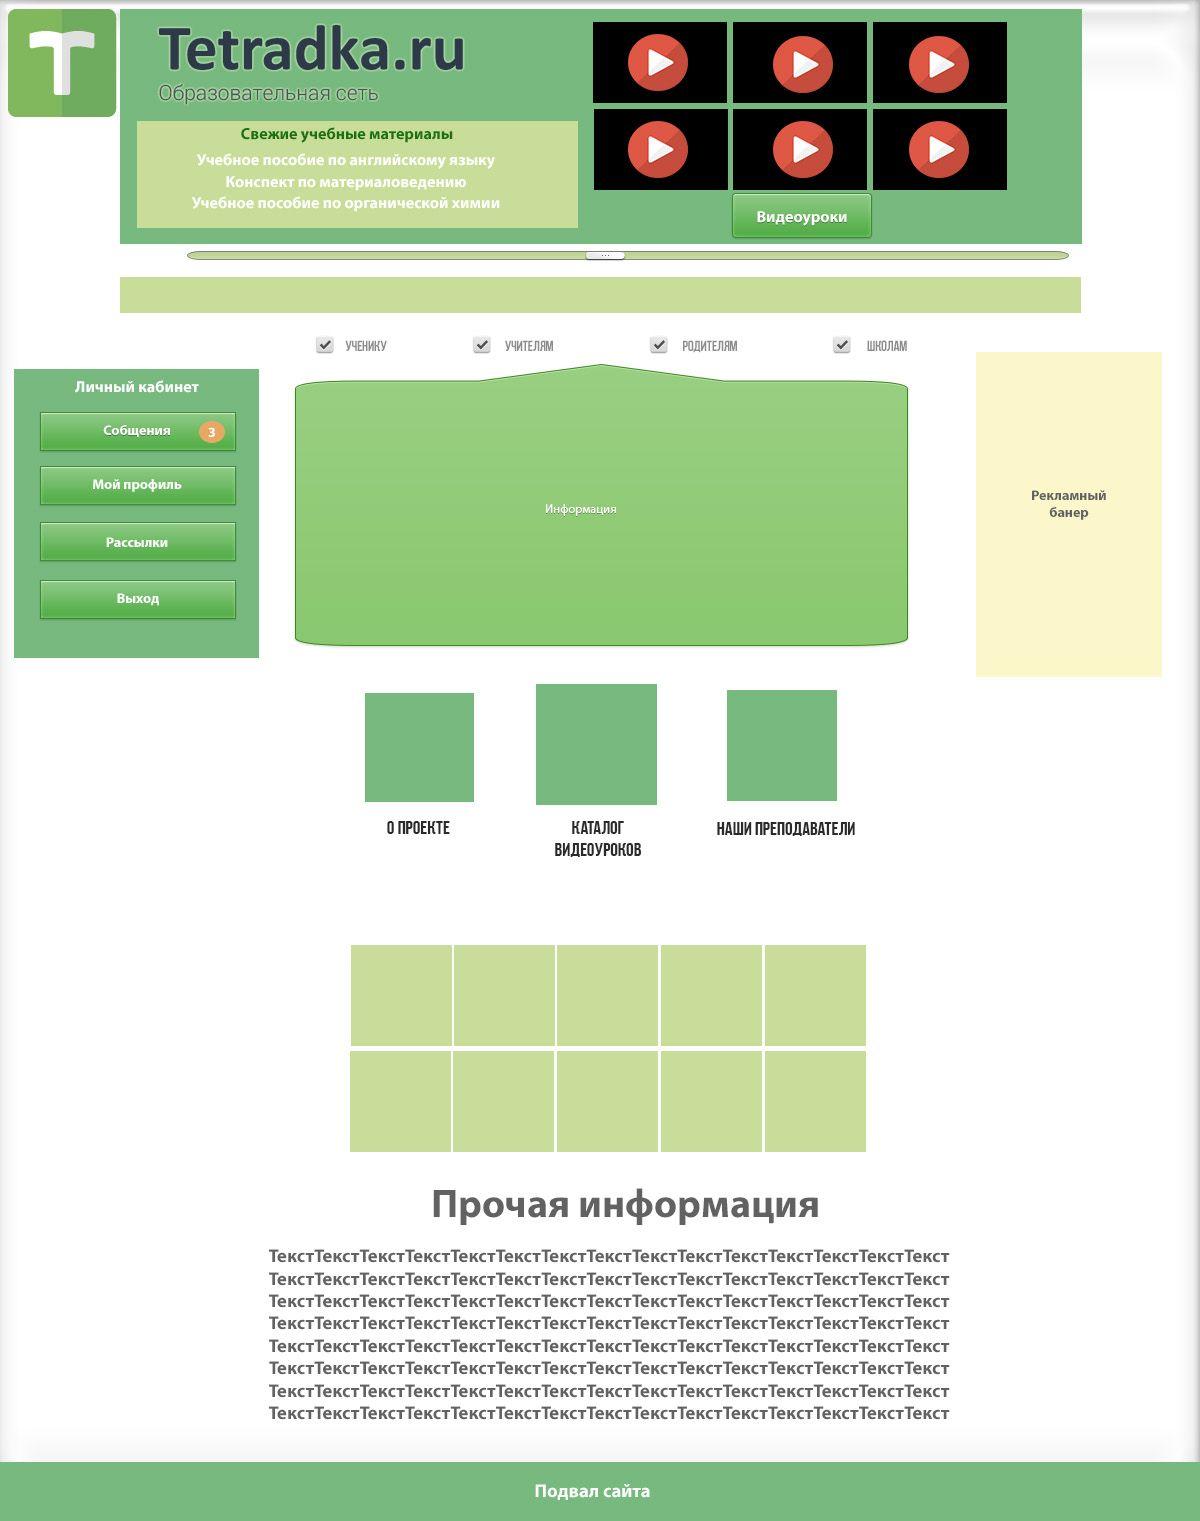 Главная страница образовательной сети tetradka.ru - дизайнер optimuzzy